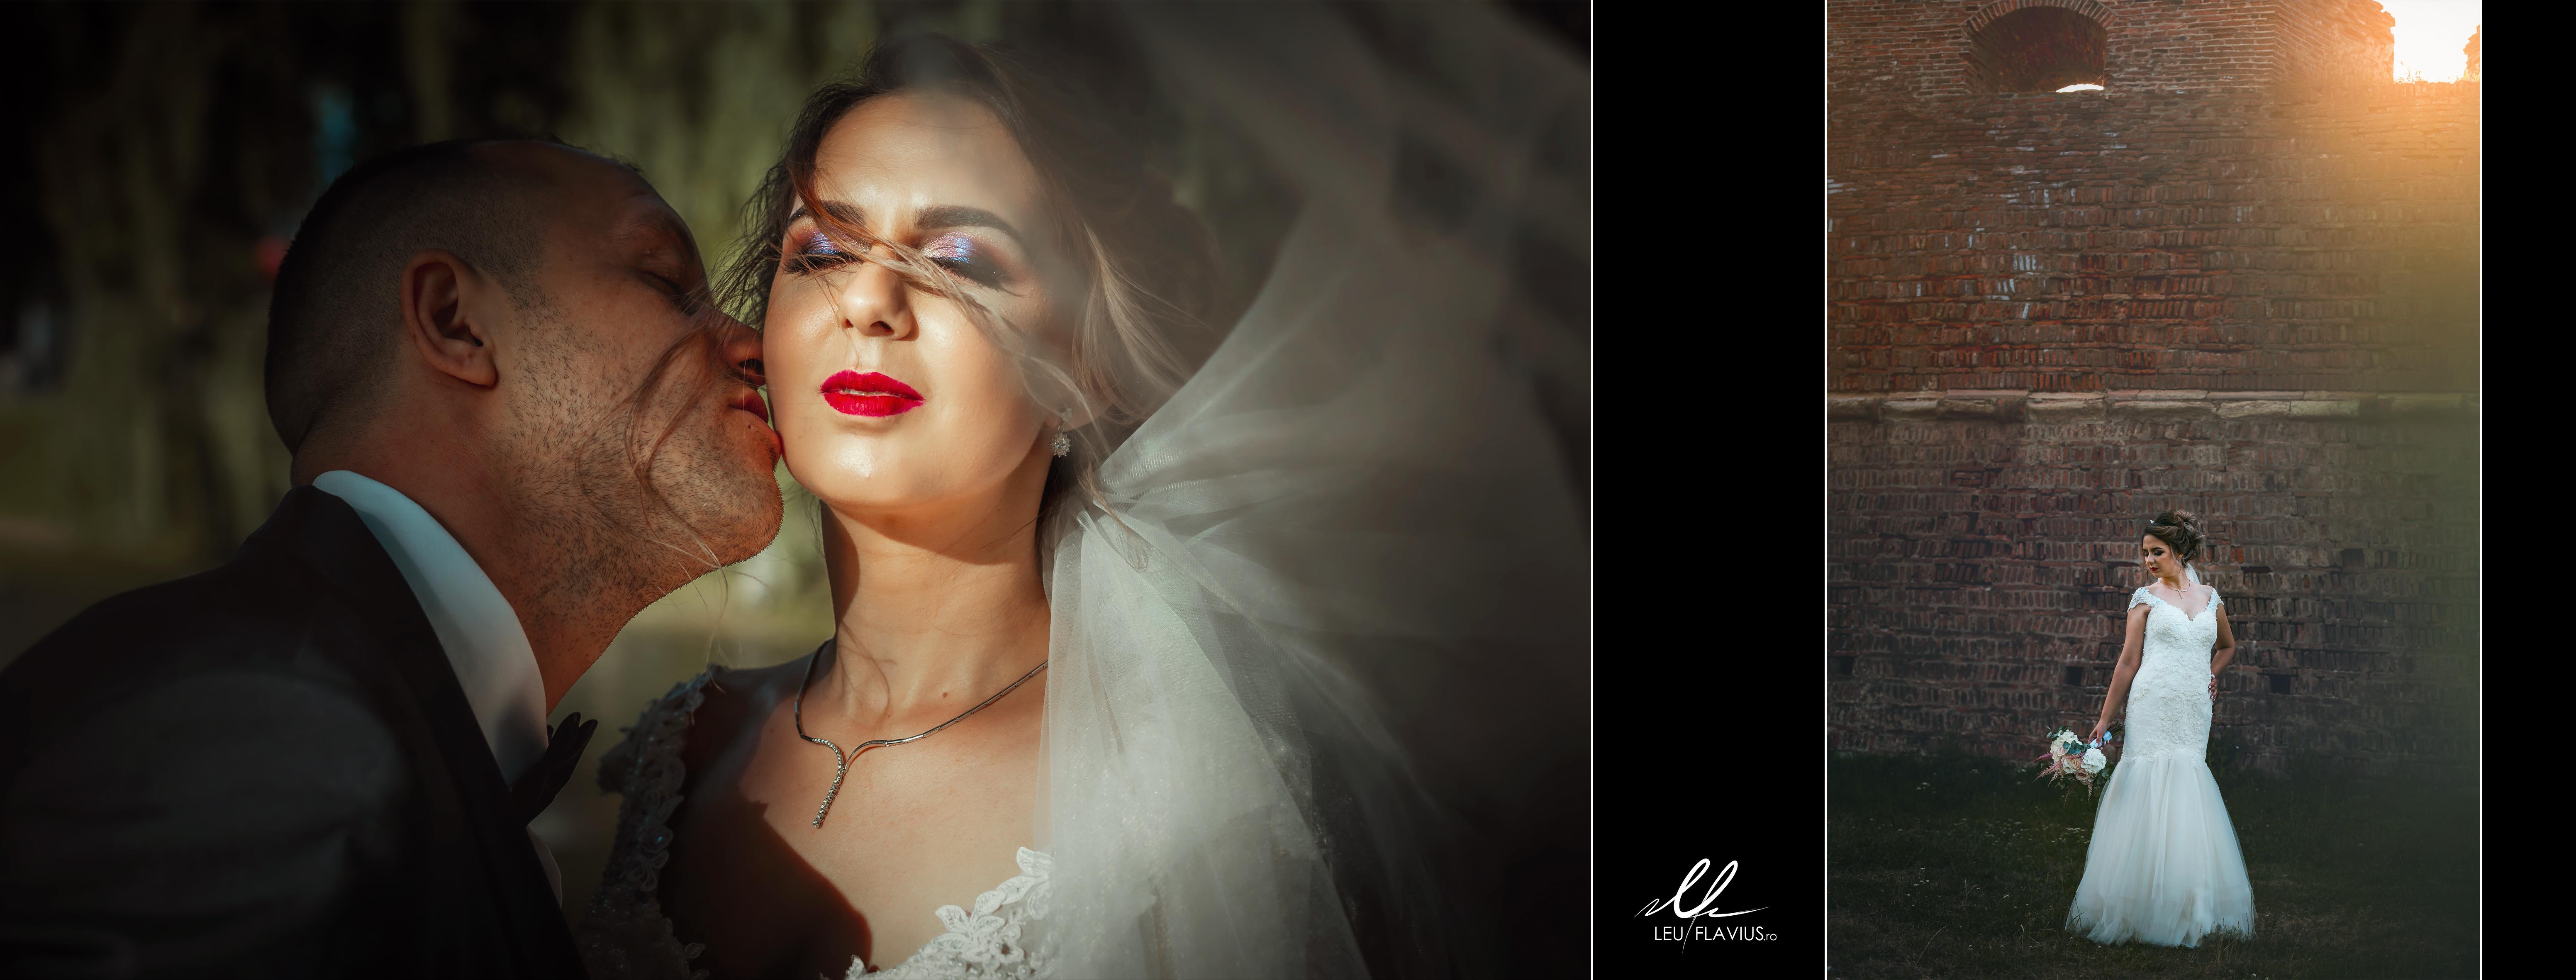 Colaj 02 - Nunta Horatiu si Mirela